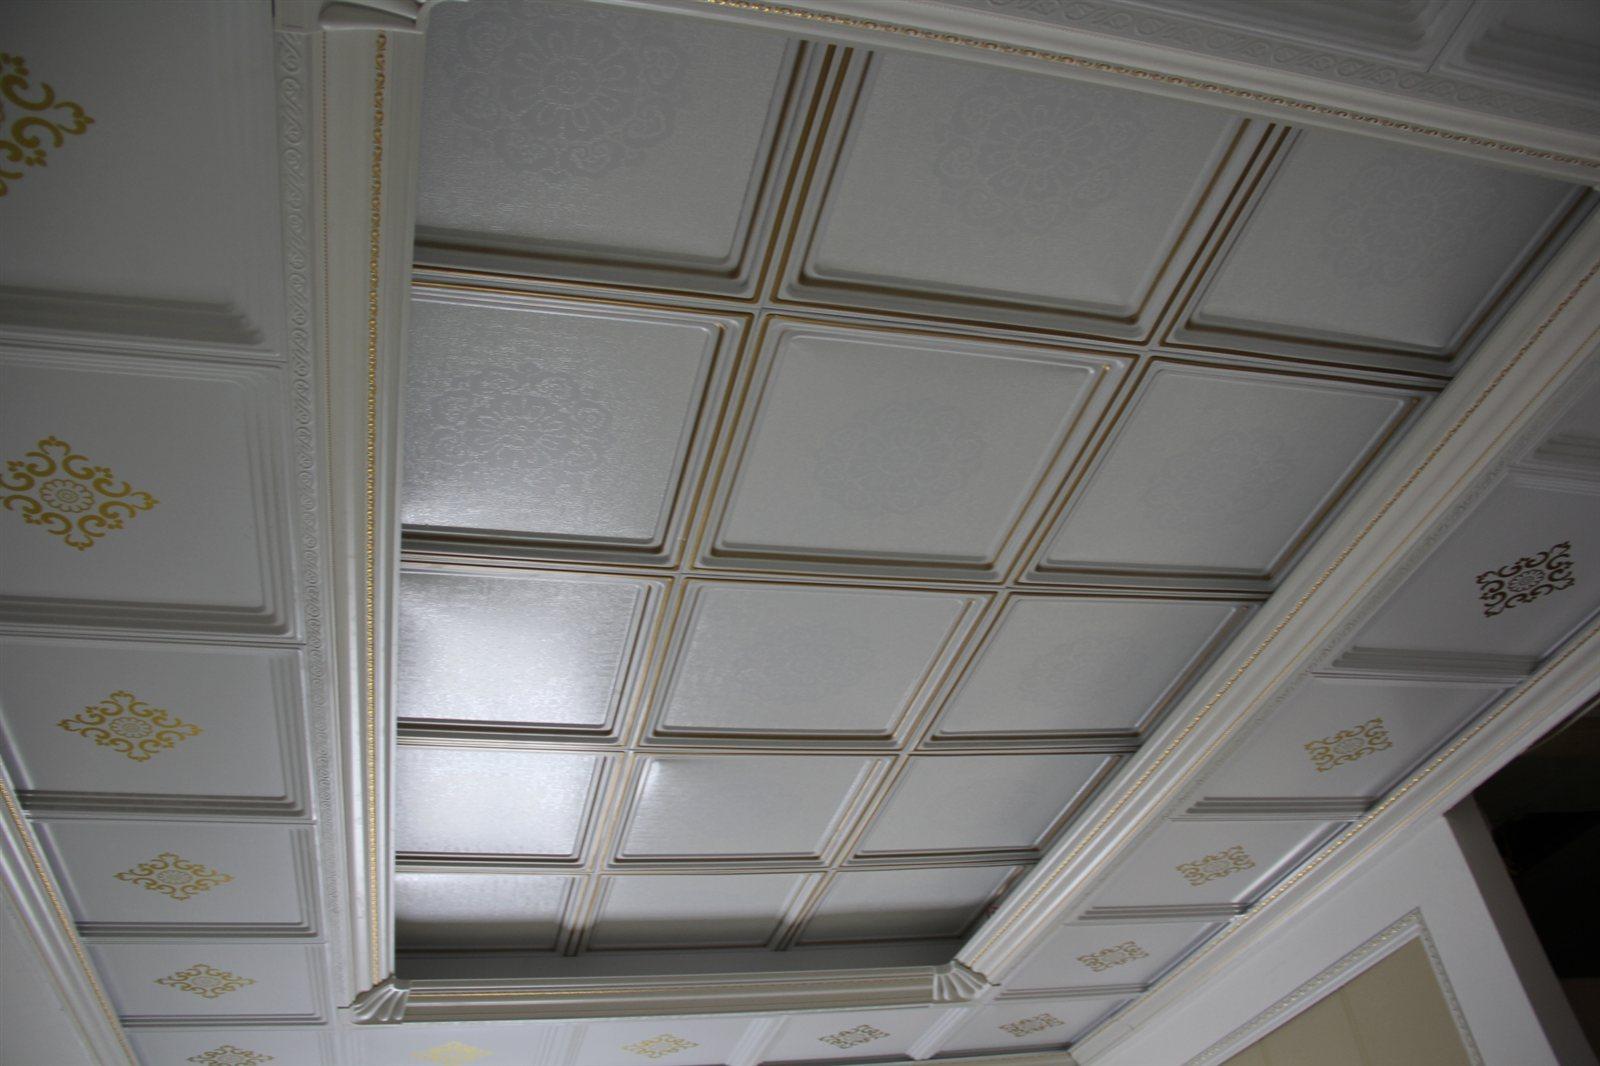 二级吊顶结构�_客厅二级粱吊顶